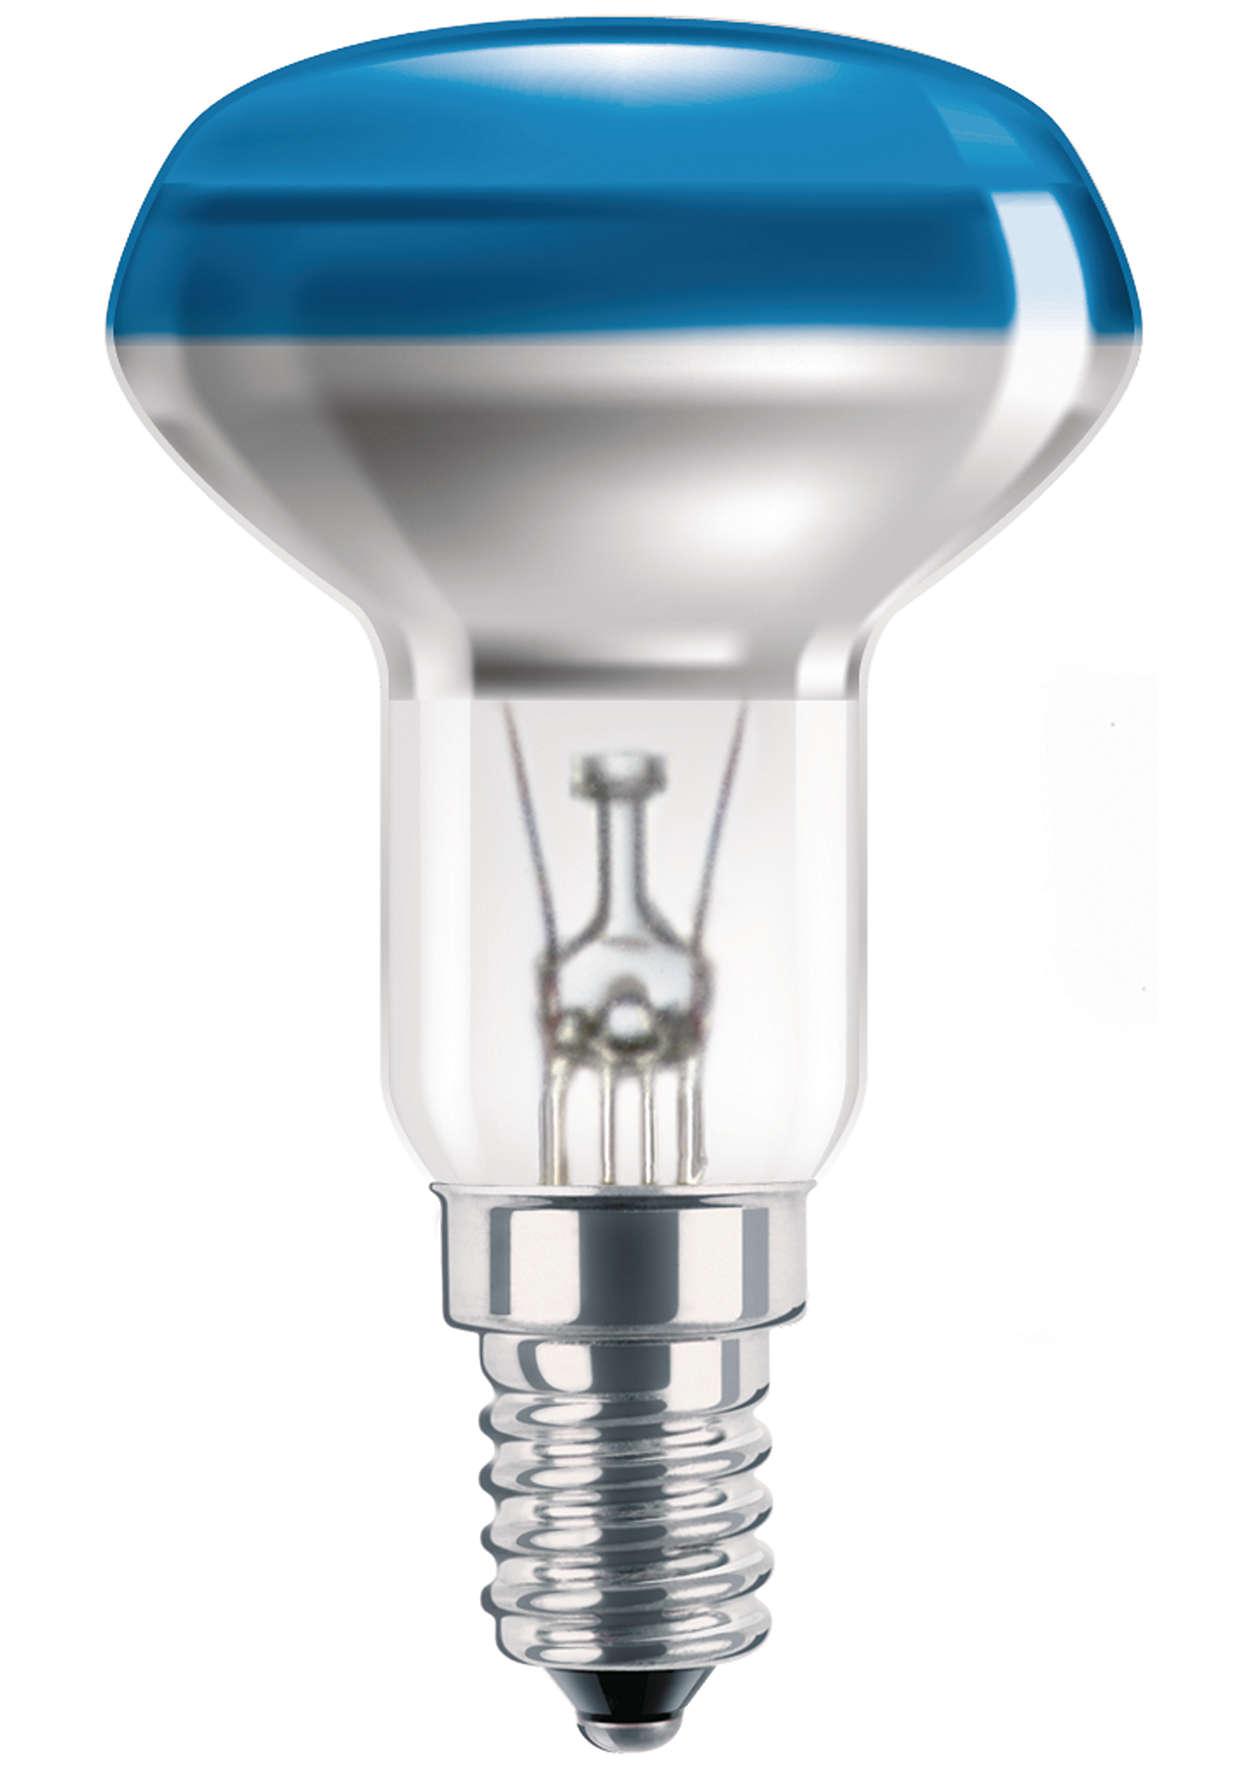 Bombilla para reflector recubierta en distintos colores